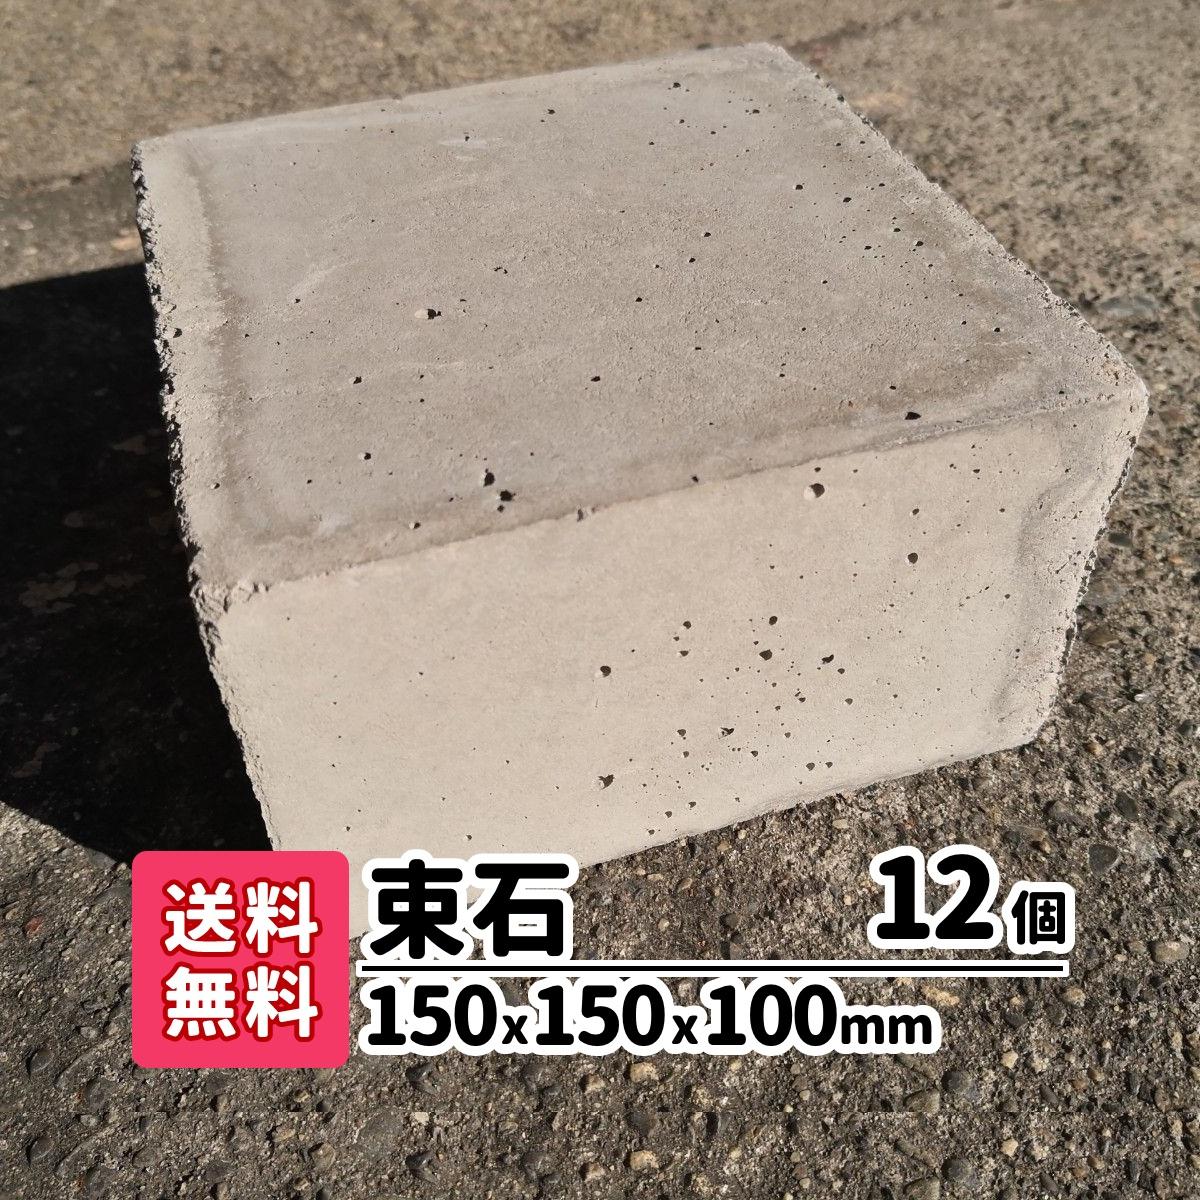 庭工事 エクステリア工事を得意とするガーデンステージです 石や砂利は年間700トンを扱います お庭の事ならお任せください 超特価SALE開催 送料無料 12個 4個×3 ガーデニング 在庫一掃売り切りセール 基礎石 束石 日曜大工 縦15cm×横15cm×高さ9cm ウッドデッキ